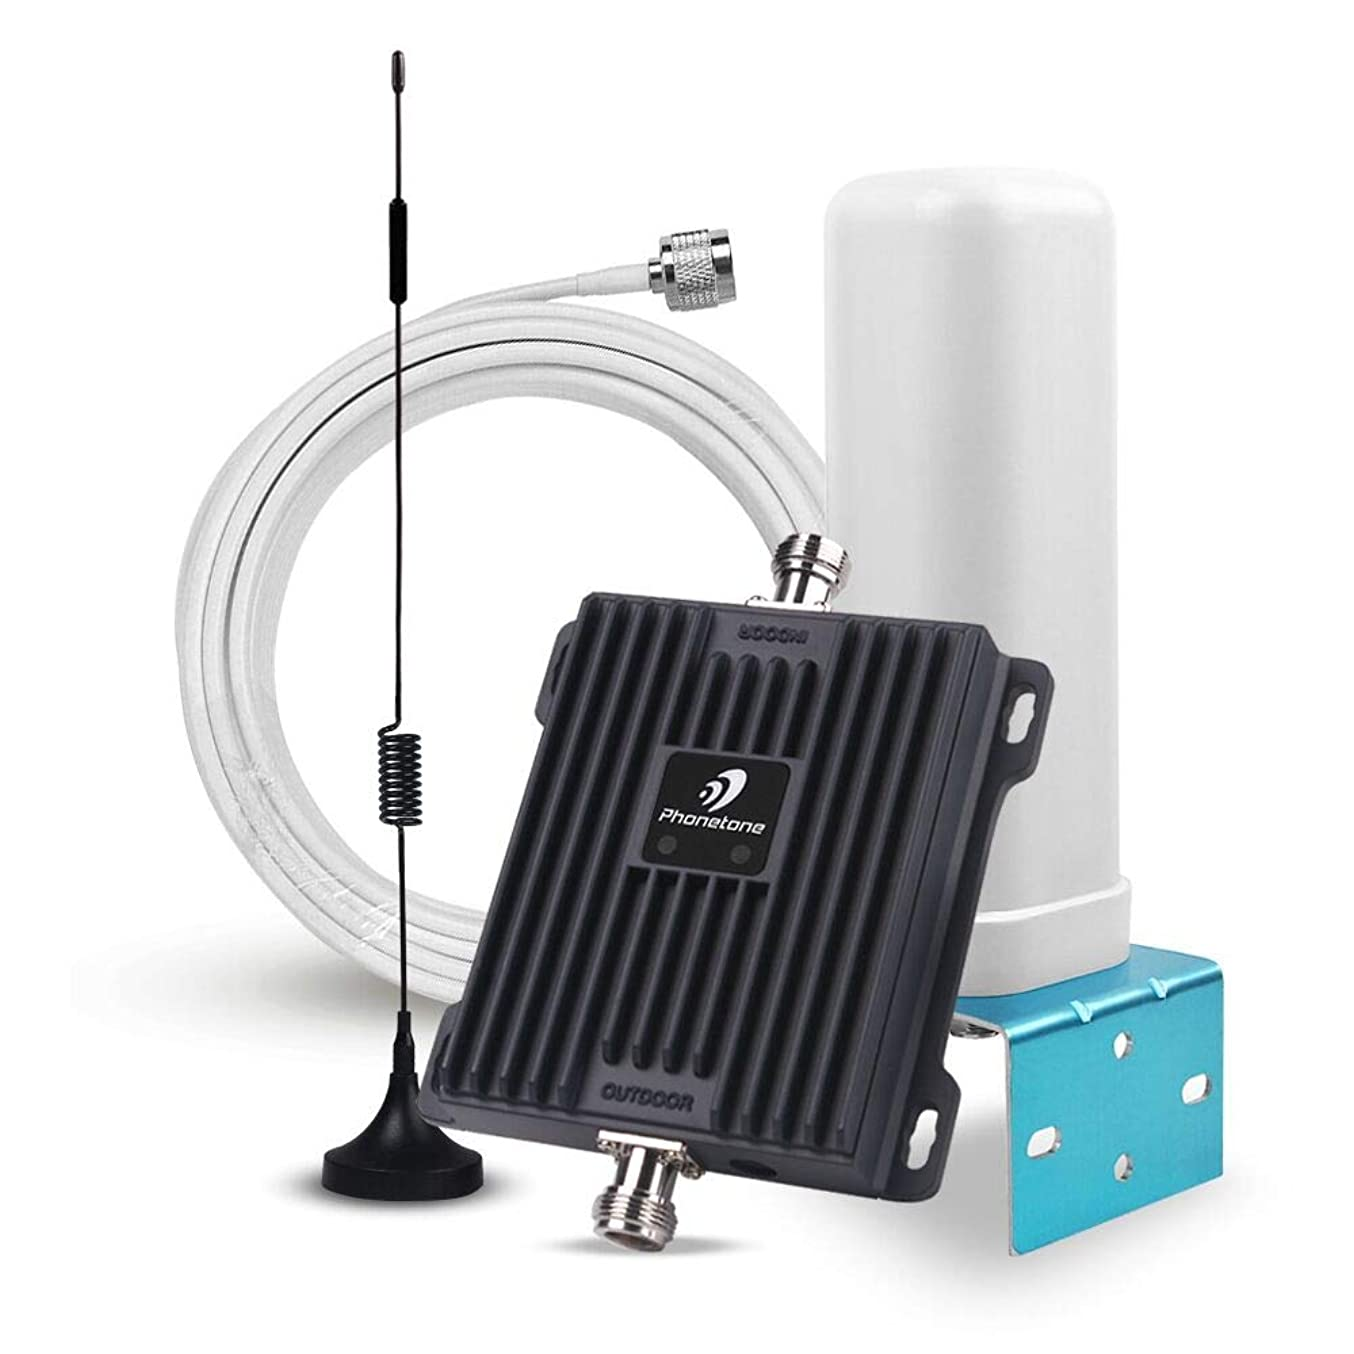 フラッシュのように素早く闘争メトロポリタン電話信号増幅器 携帯電話信号ブースター 3G CDMA / 4G LTE 800/2100 MHz 65dB フルセッ au SoftBank NTT Docomo Band 1 ユーザーに適用